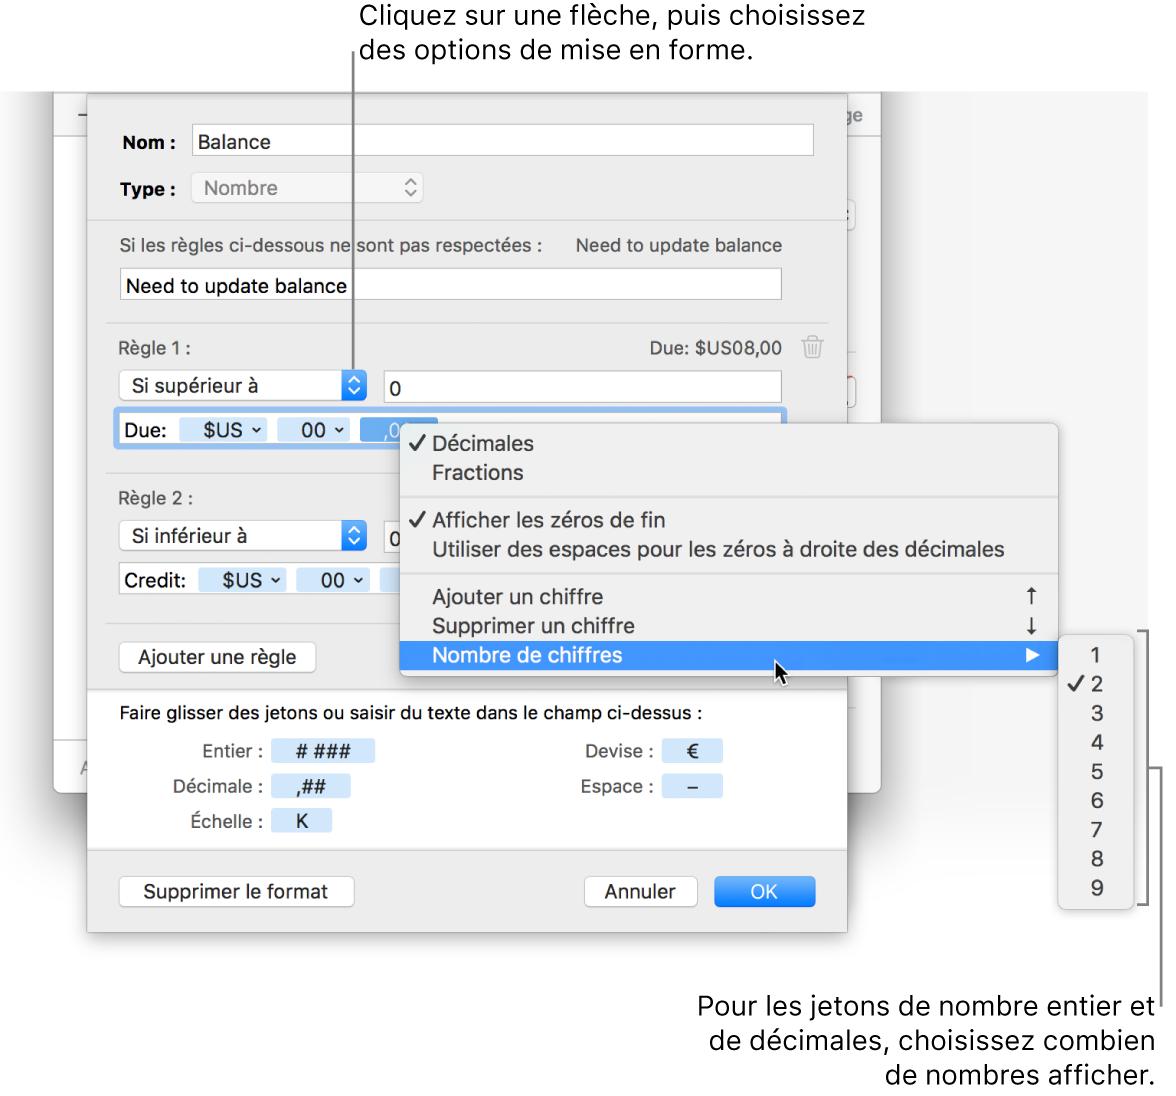 Fenêtre de format de cellule personnalisé présentant les commandes permettant de créer un format numérique personnalisé.